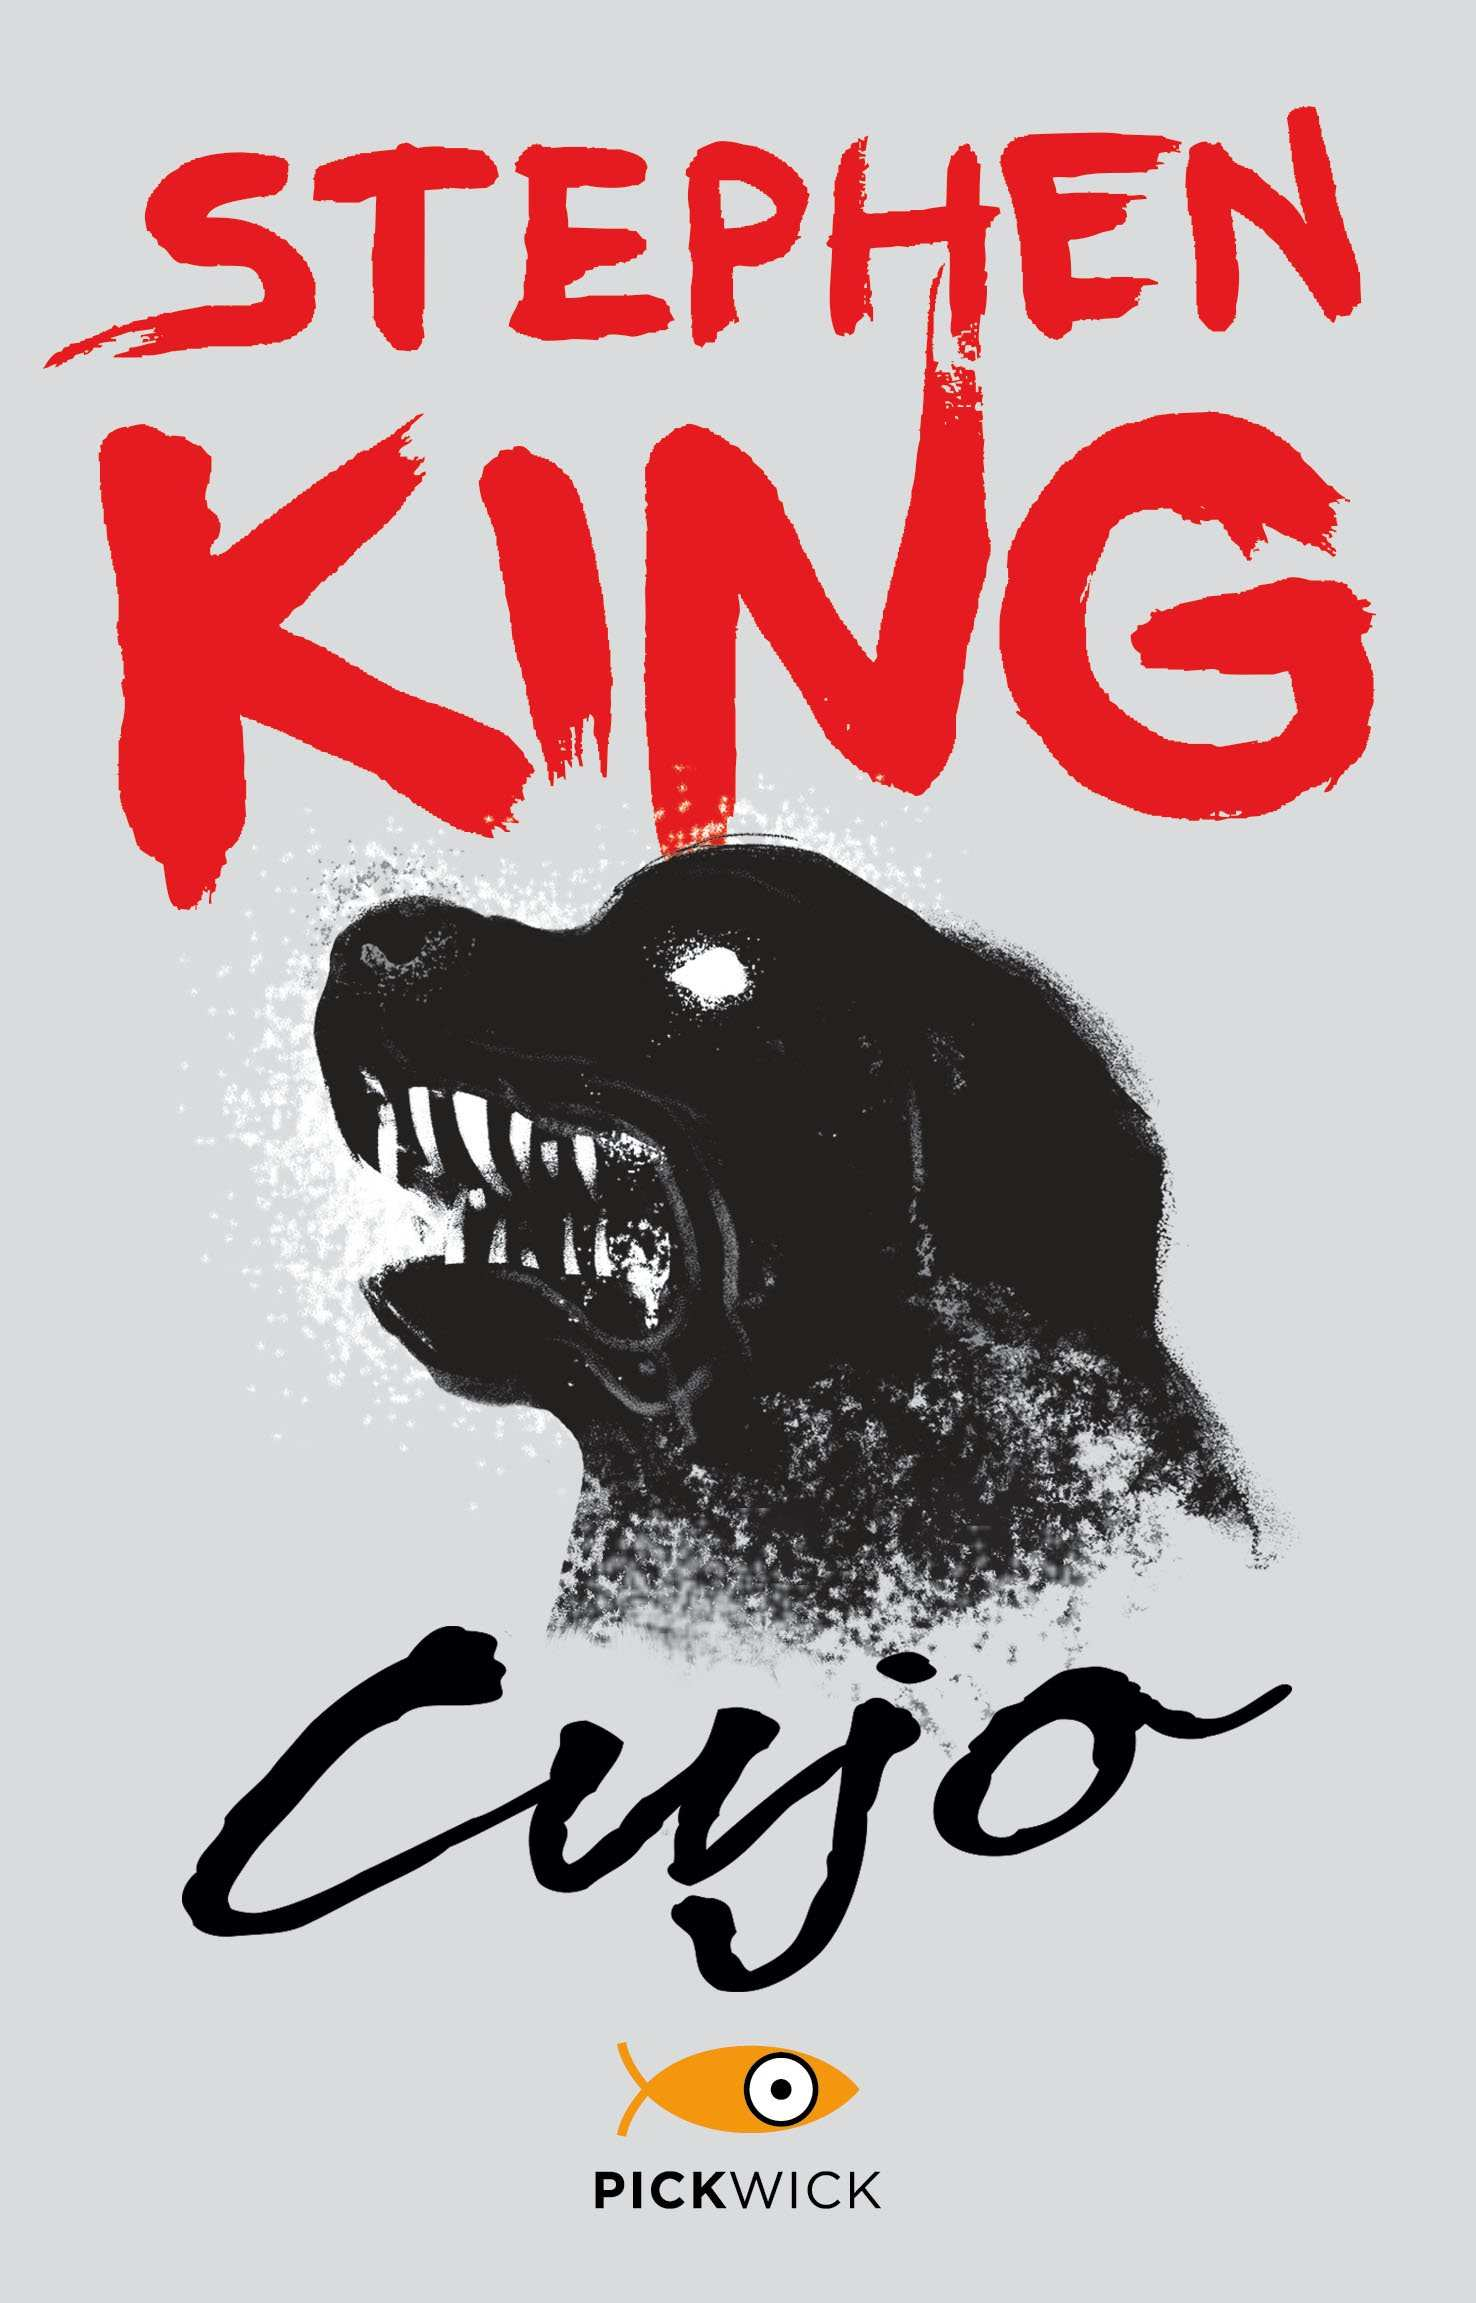 cujo di stephen king il libro 1 - Cujo di Stephen King il libro e la recensione